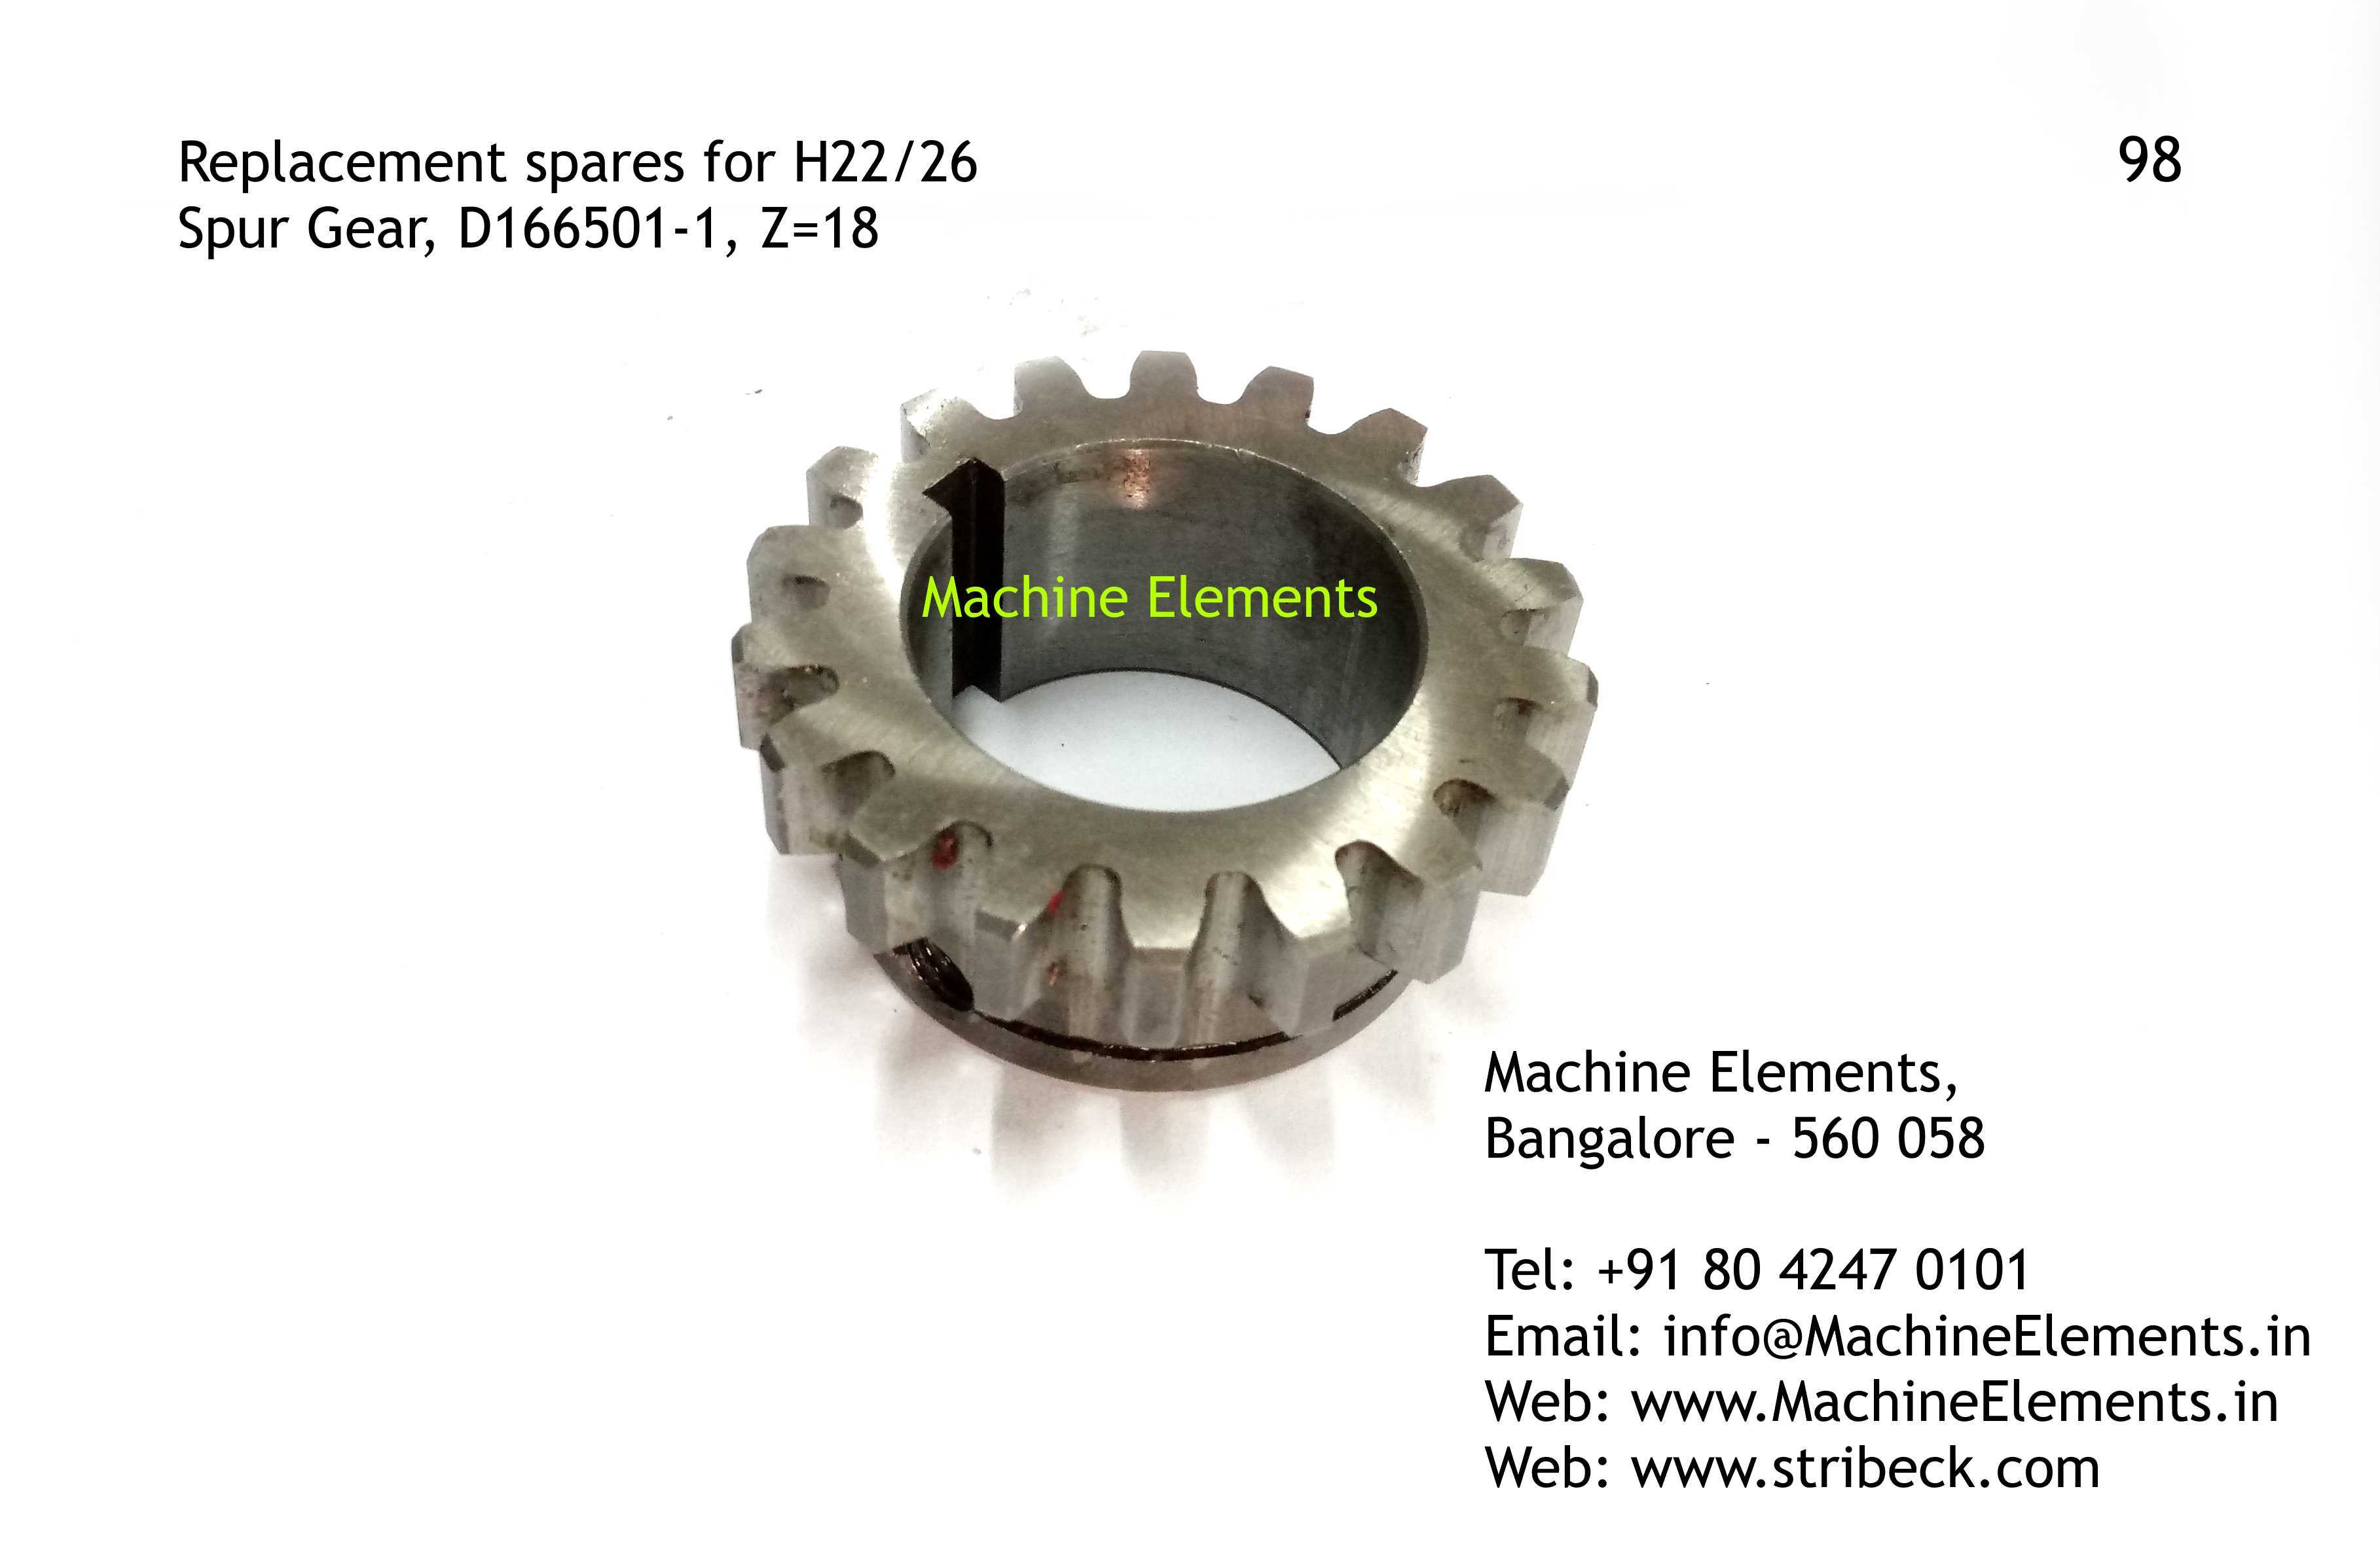 Spur Gear, D166501-1, Z=18